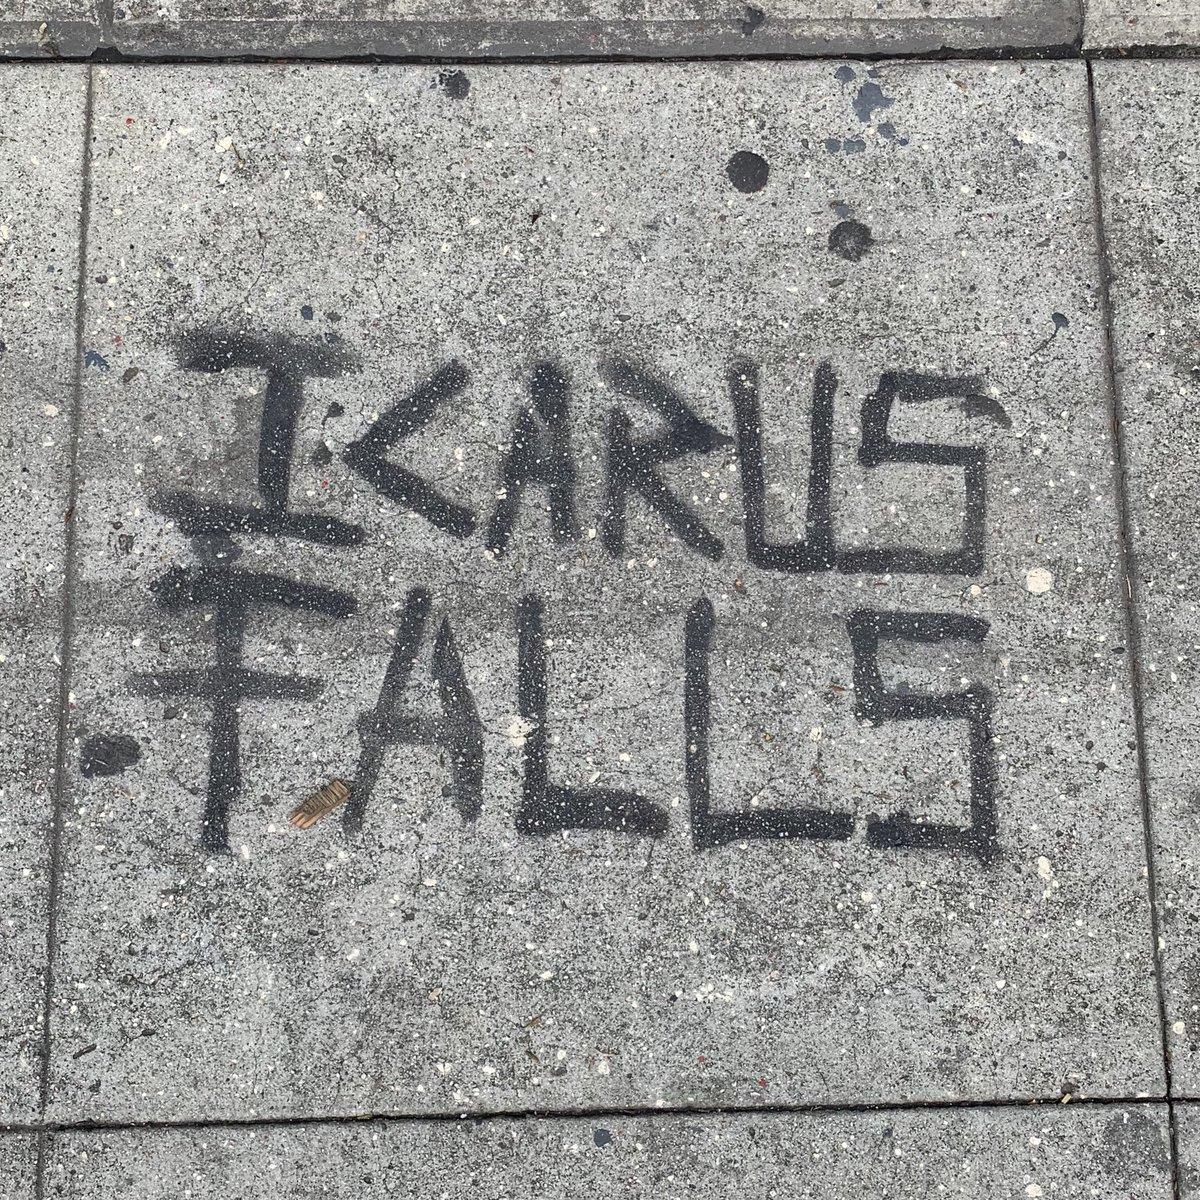 RT @inZAYN: #IcarusFalls 👀 https://t.co/4cJMEKm3nO